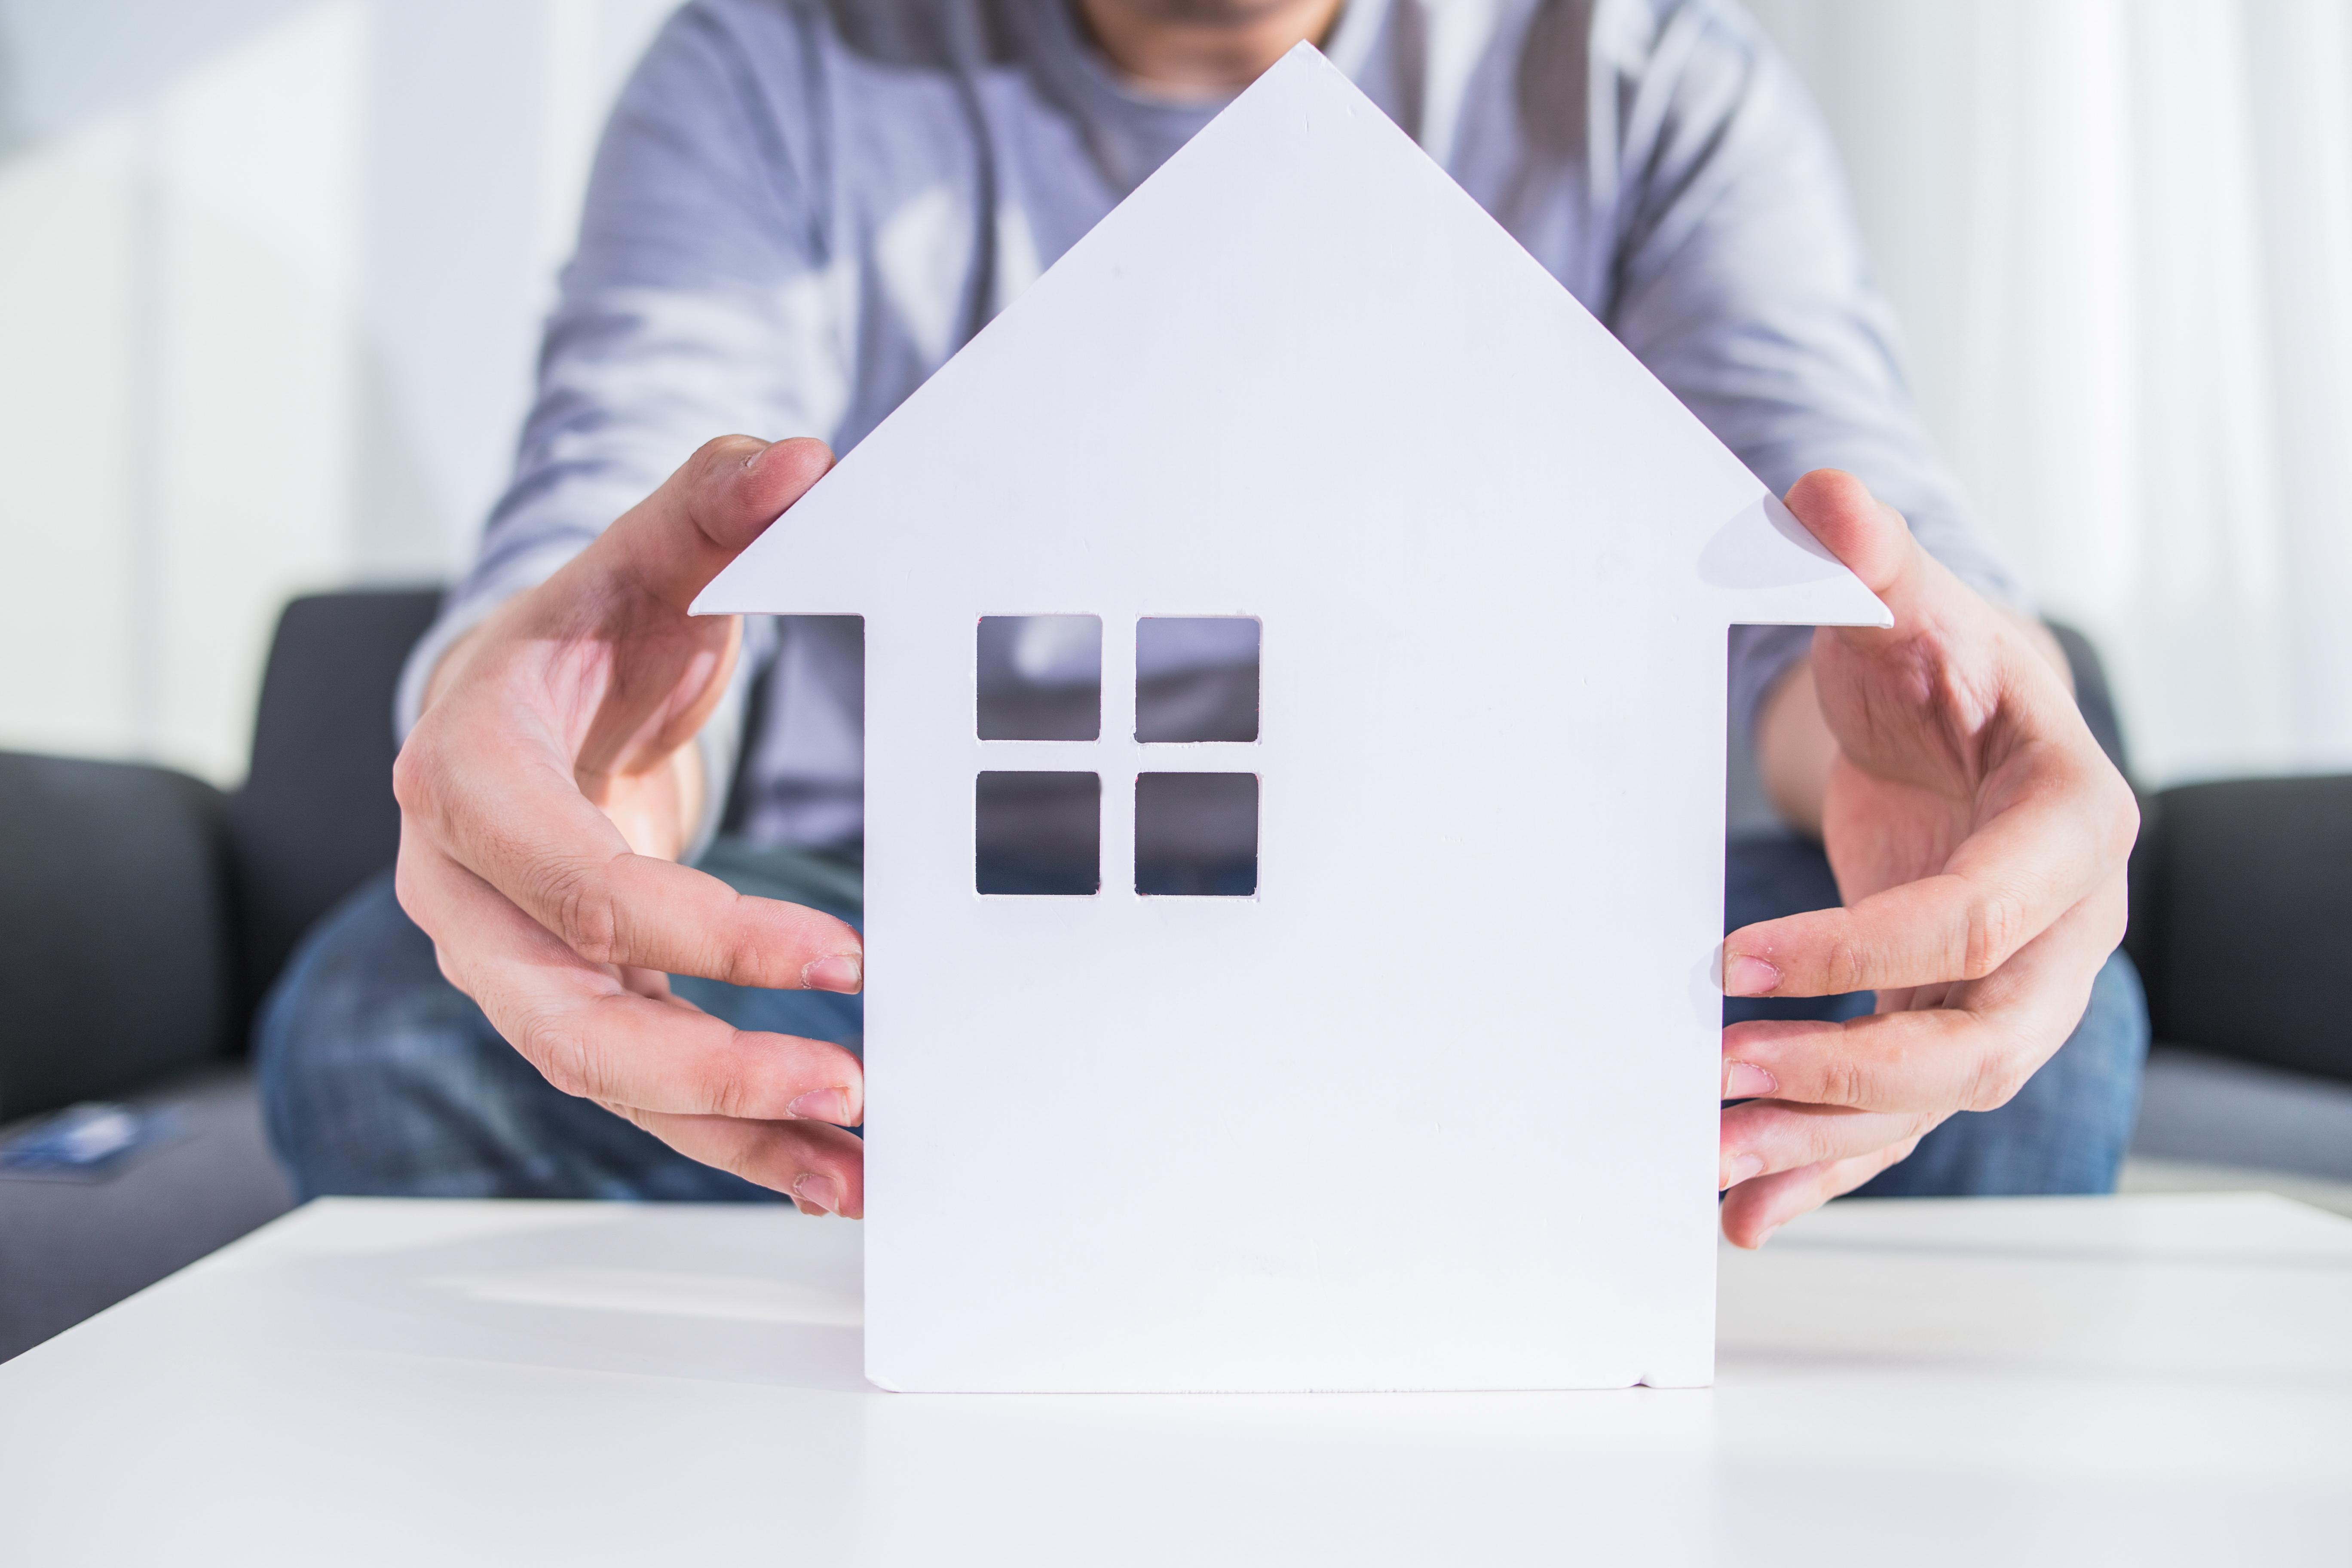 Selon une récente étude du Crédit foncier, 65 % des Français (contre 57 % l'an dernier) privilégieraient l'immobilier comme premier choix d'investissement